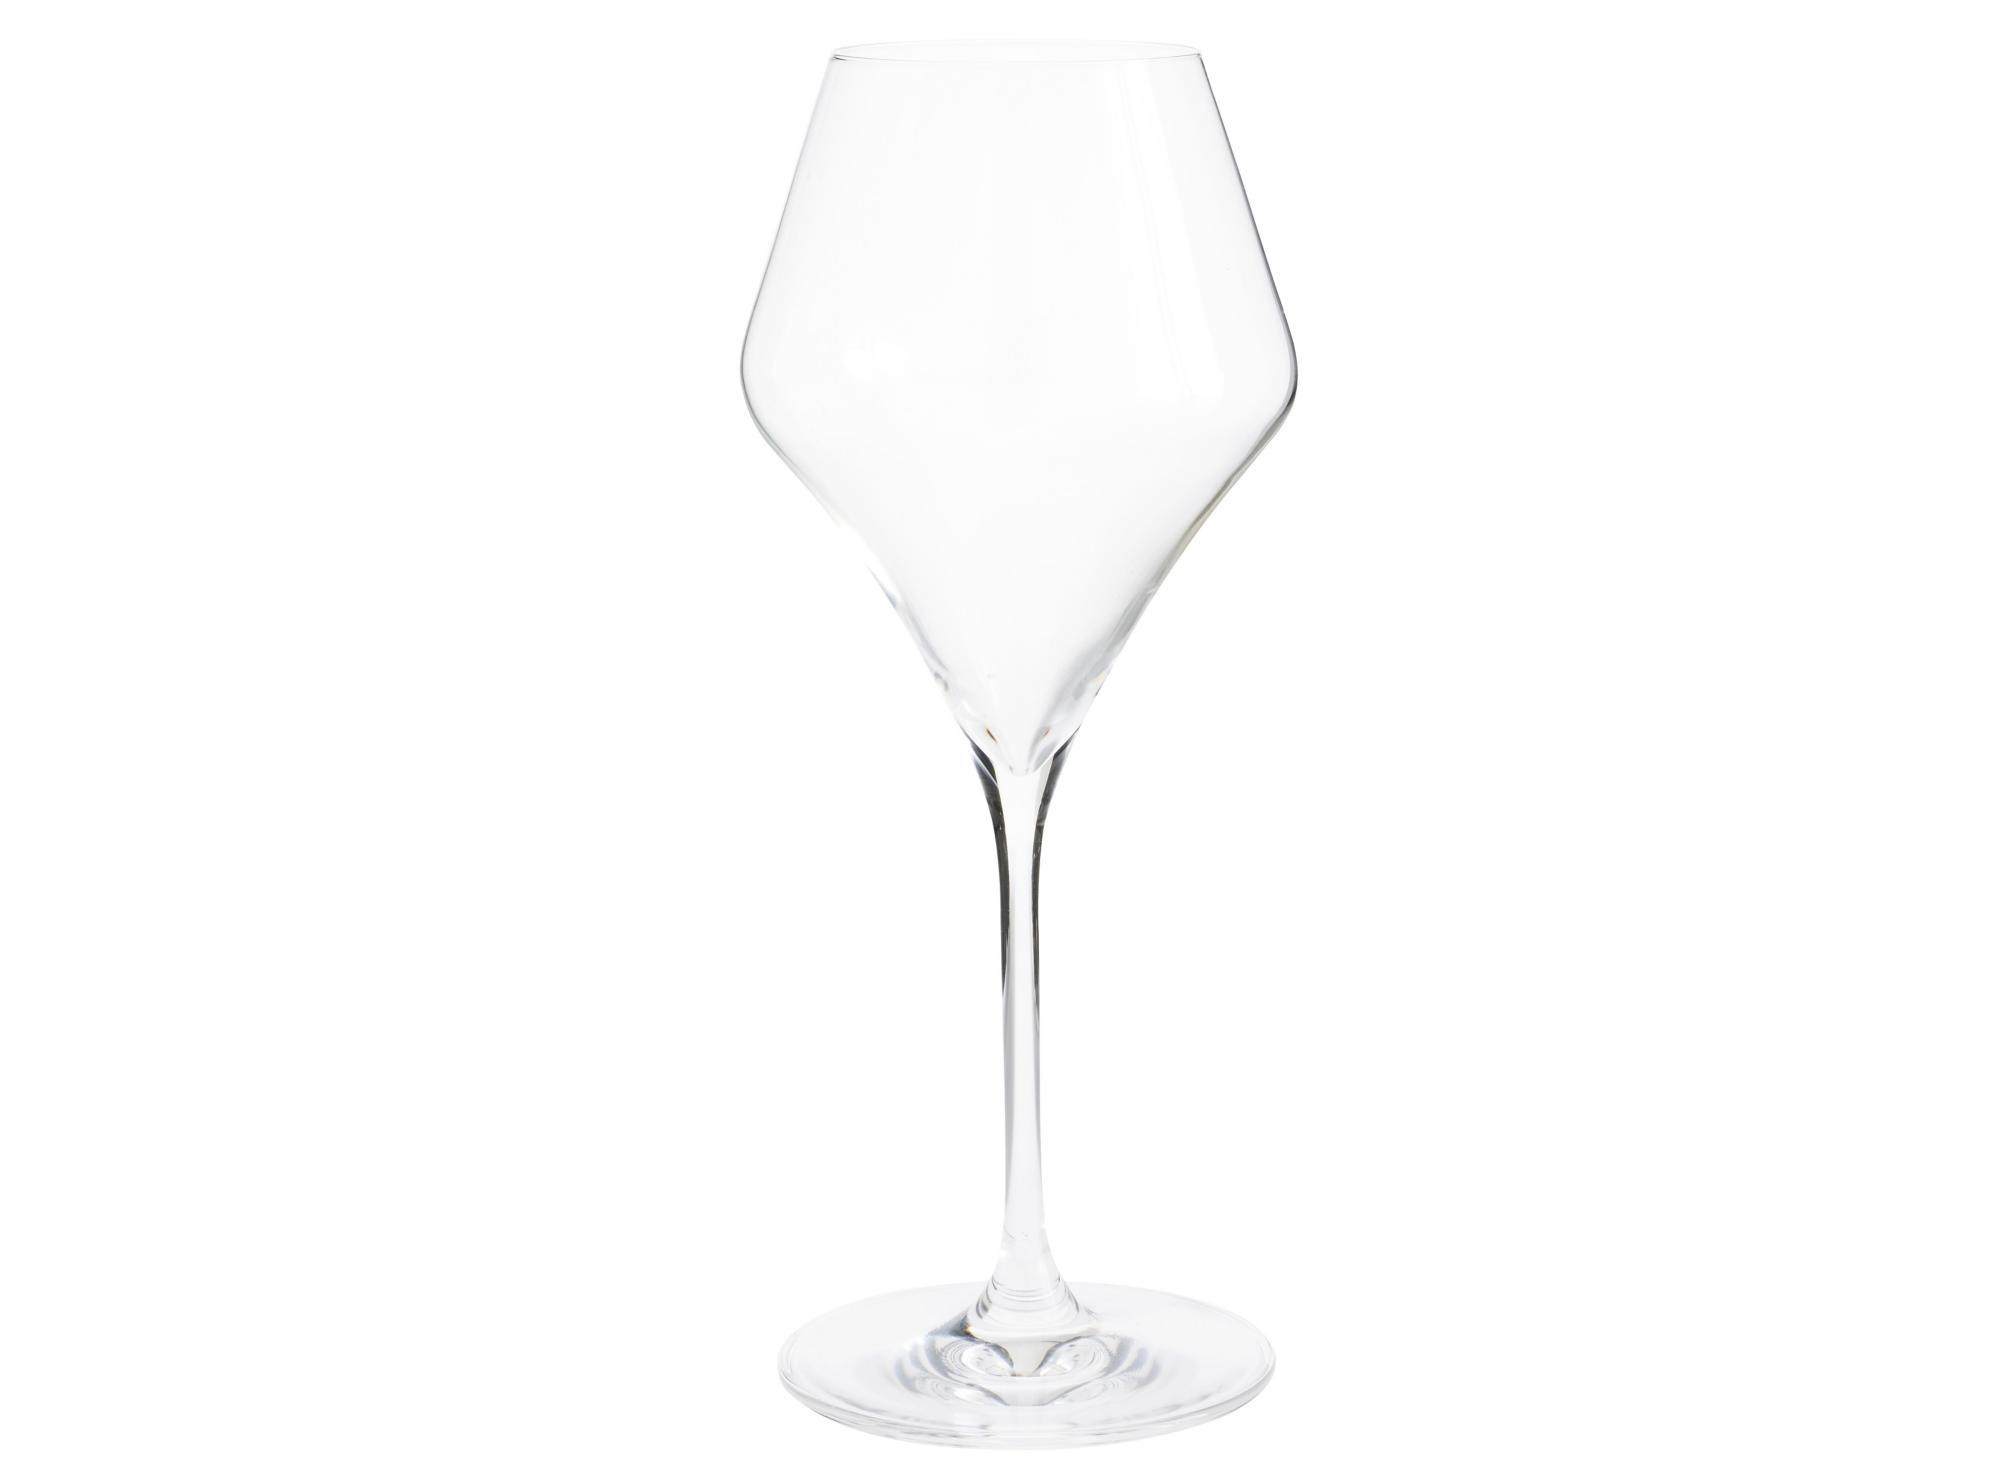 Verre a eau en verre cristallin brut coloris transparent contenance 2 ...